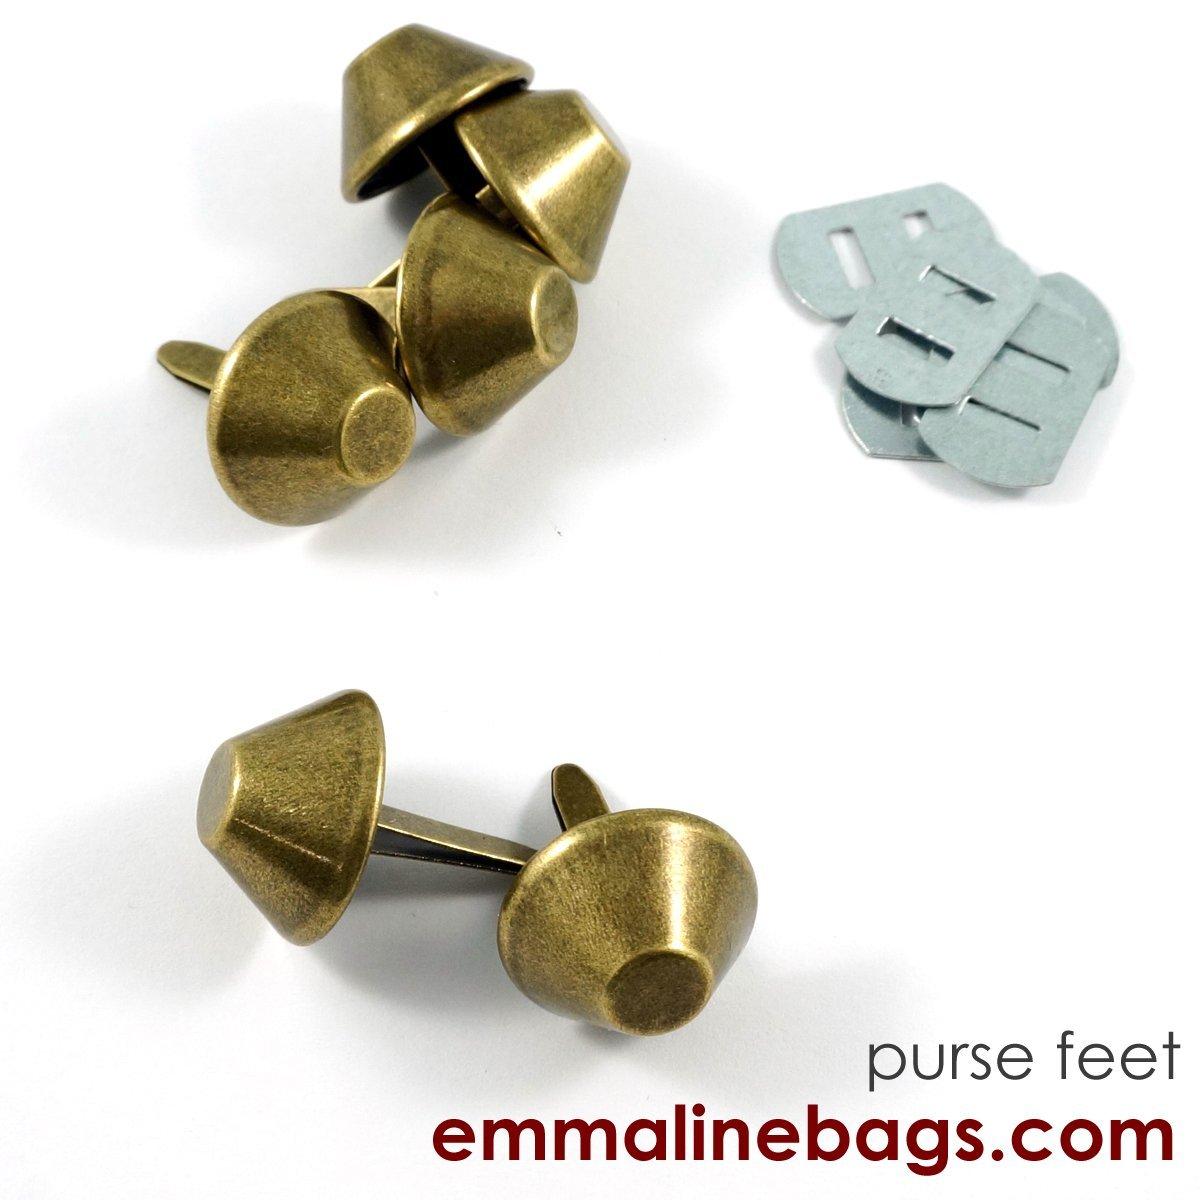 Bucket Purse Feet 3/4 6 pack - Brass